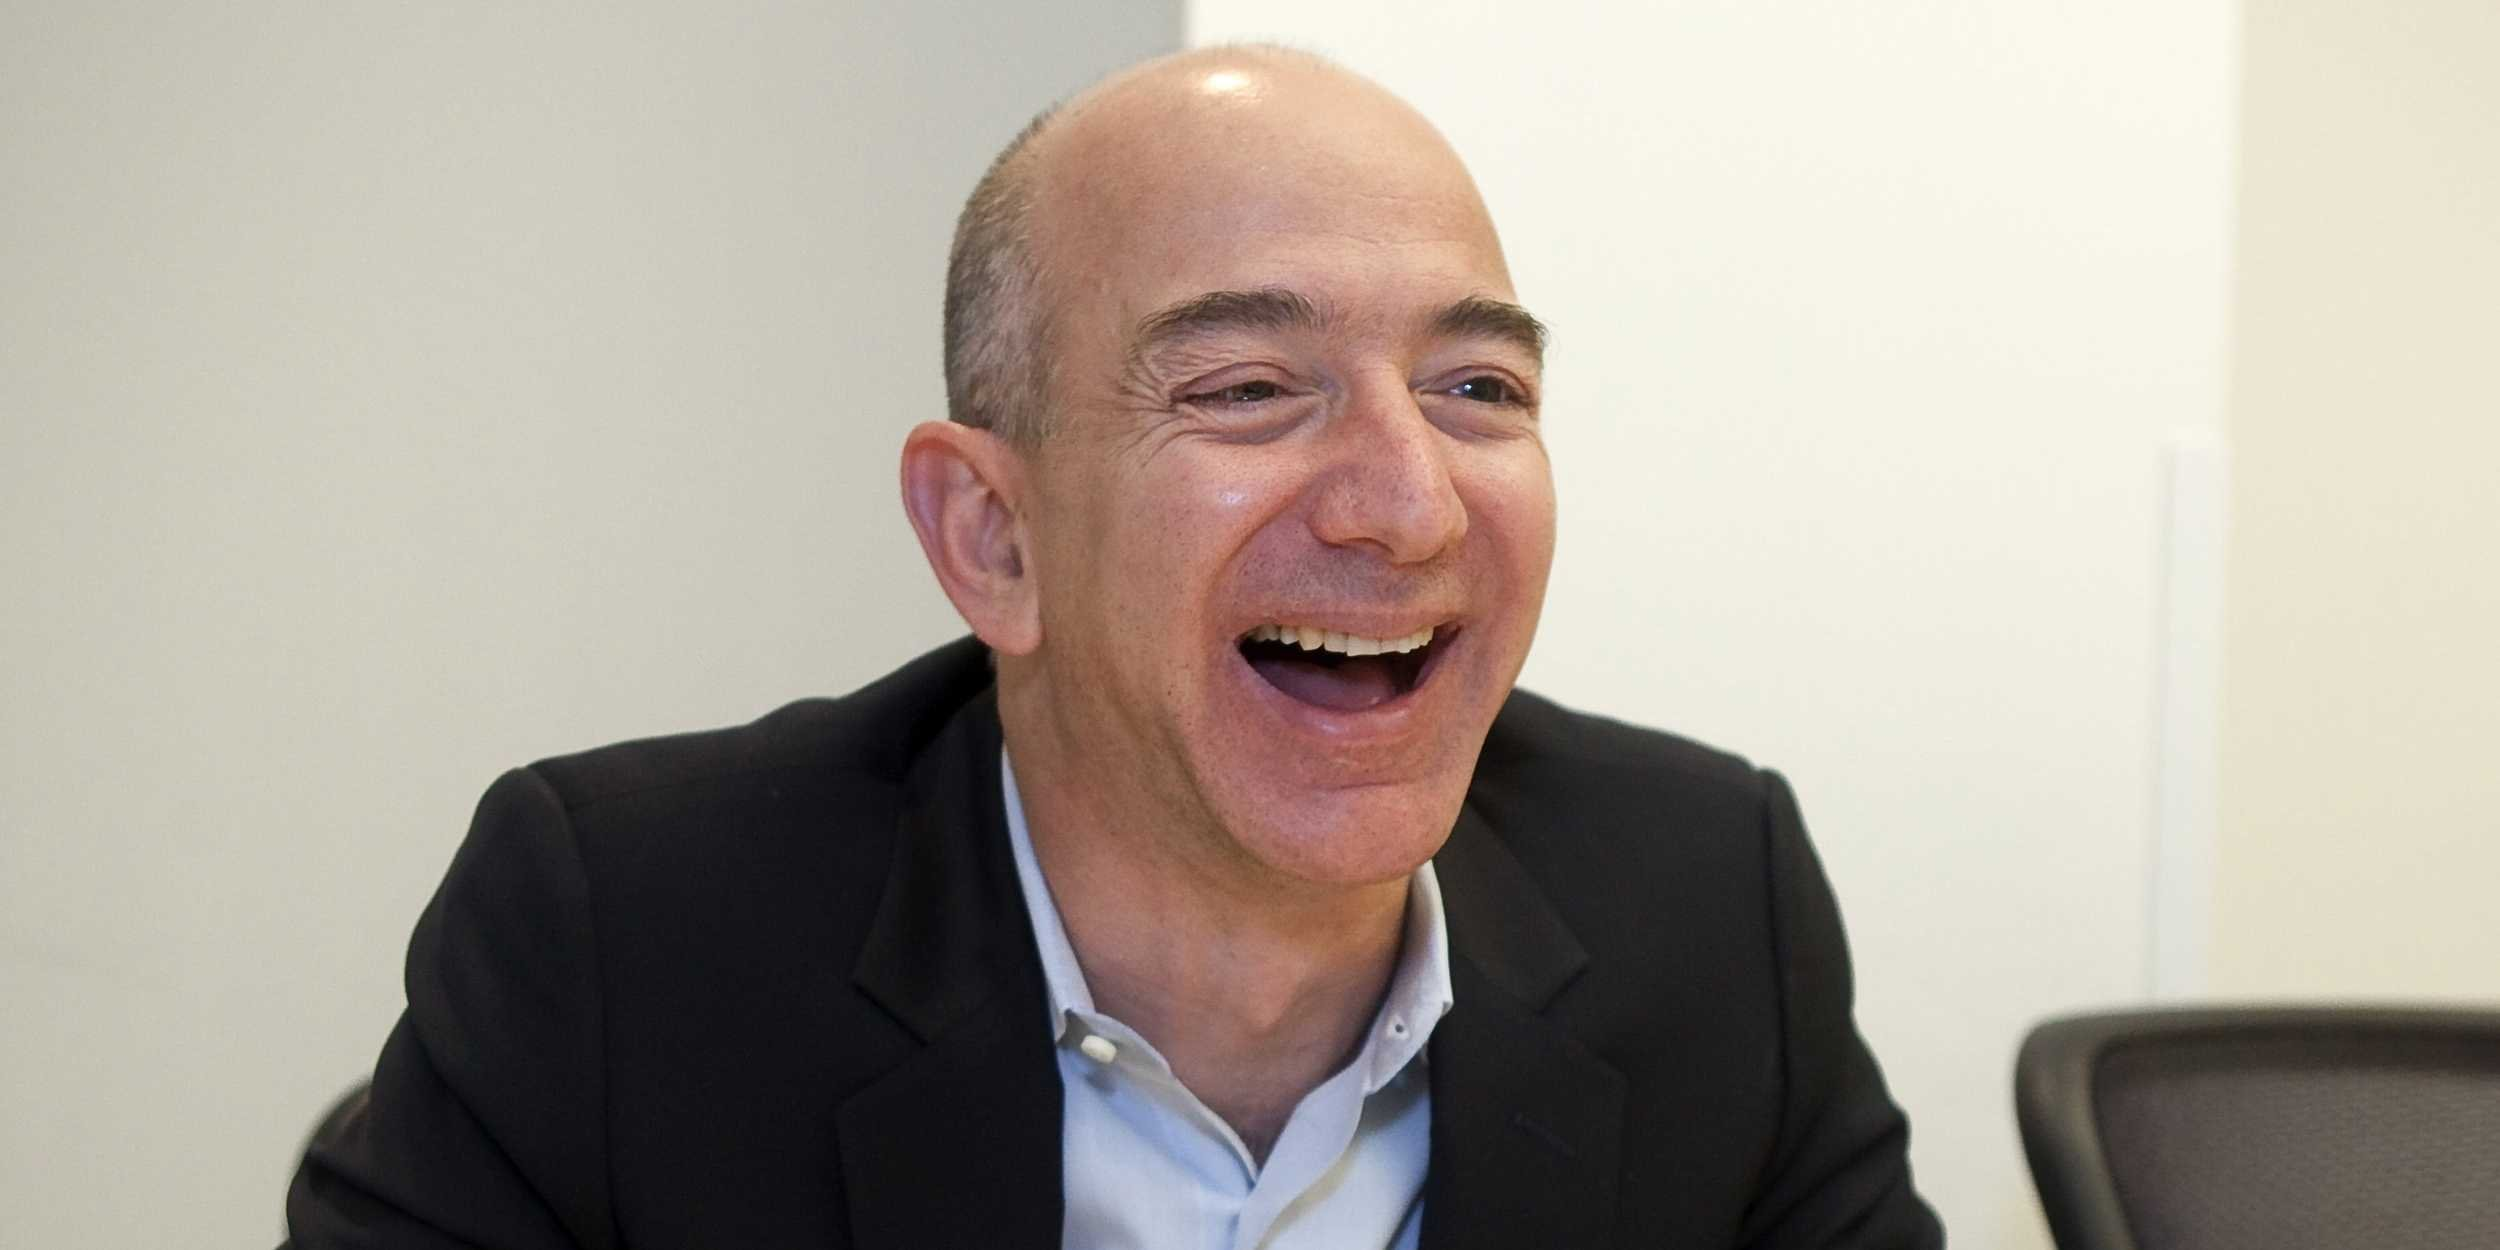 Jeff Bezos Albuquerque 12 januari 1964 is een Amerikaanse ondernemer en investeerder Hij is een technologische zakenman die een rol heeft gespeeld bij het groeien